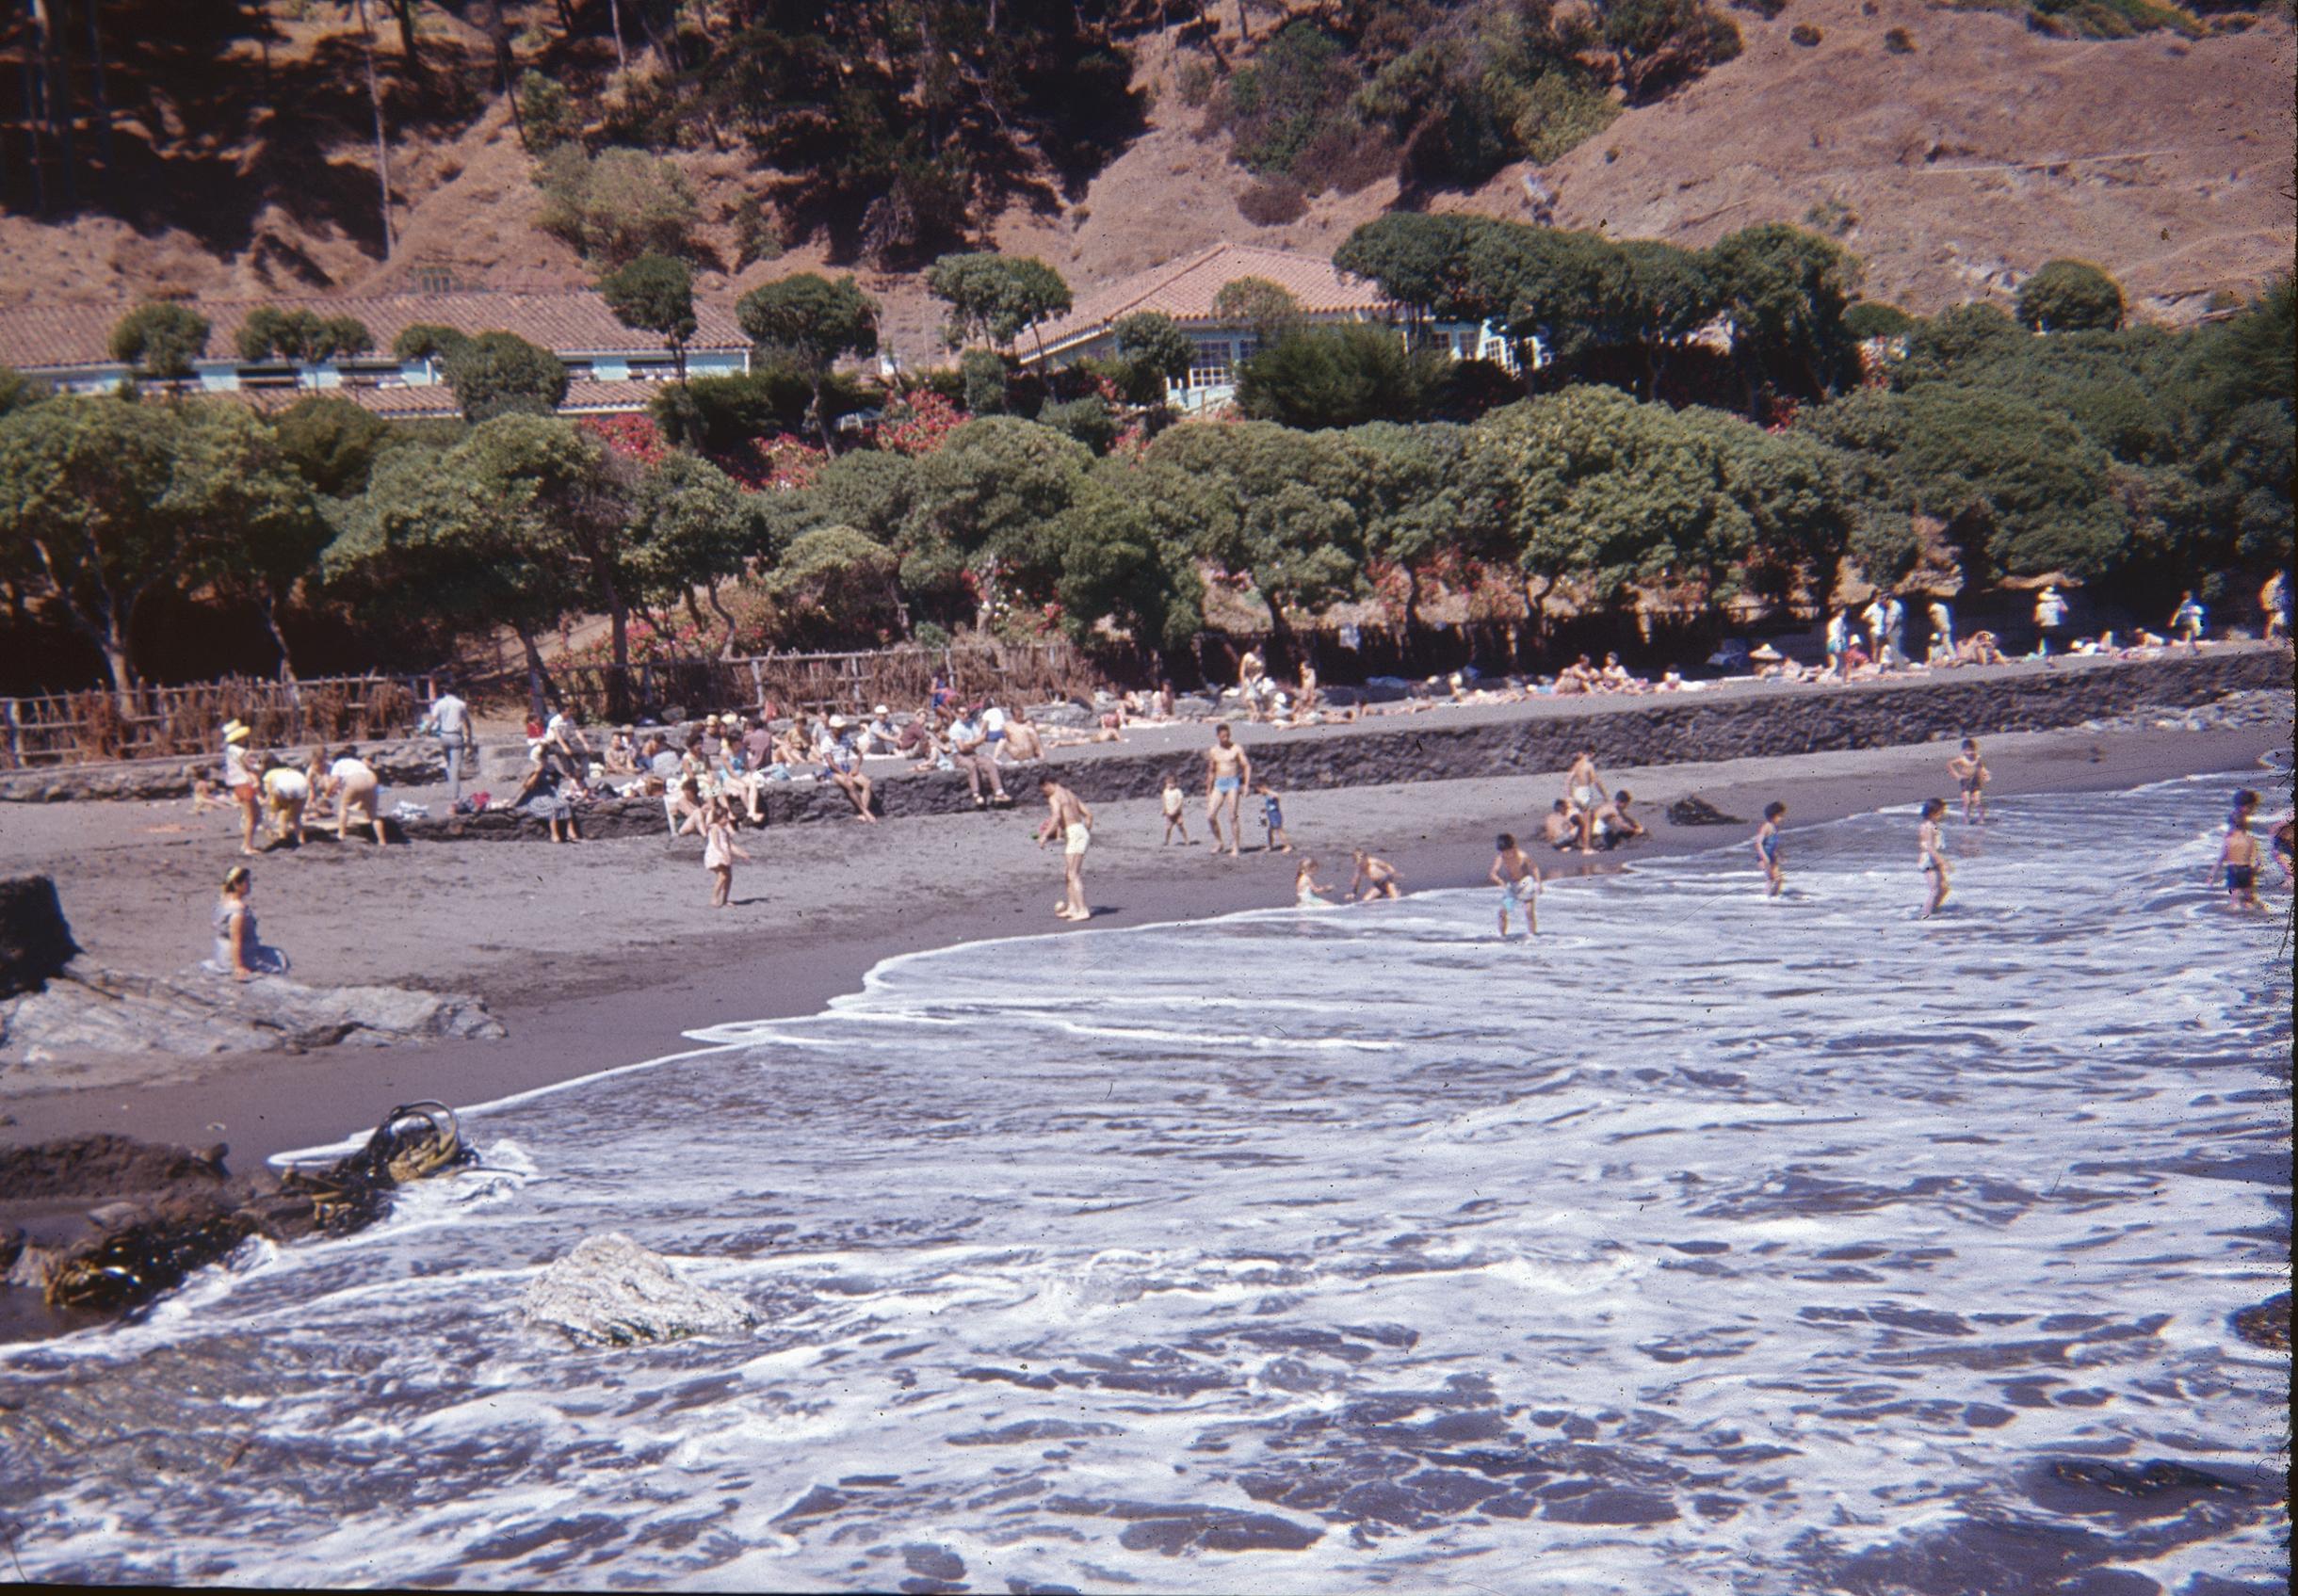 Enterreno - Fotos históricas de chile - fotos antiguas de Chile - Balneario de Llico, 60s